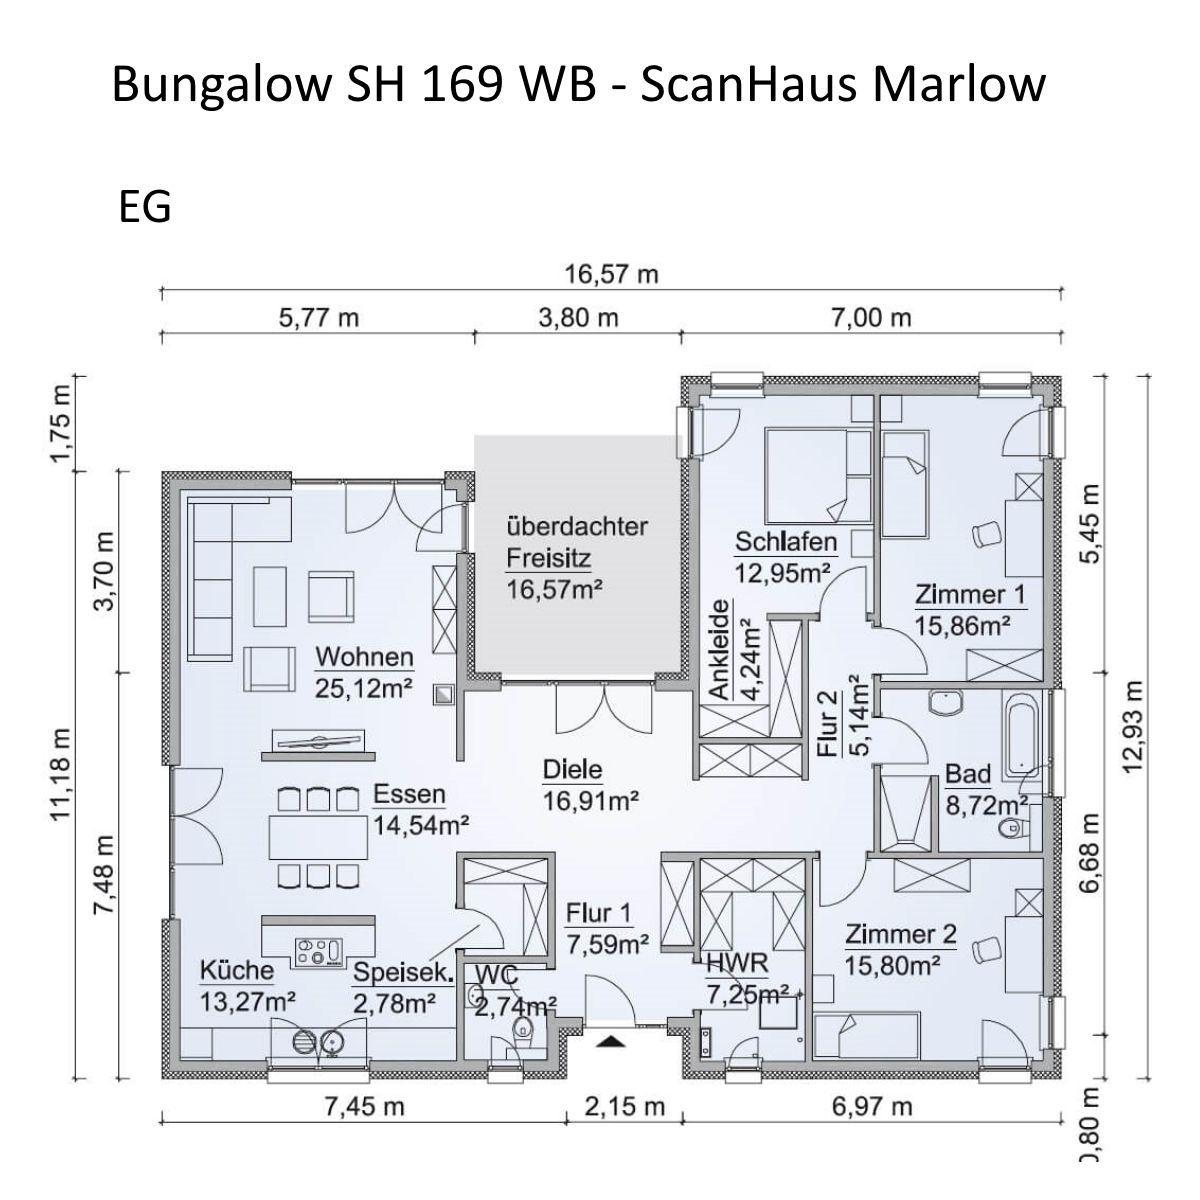 Bungalow Haus Grundriss In Uform Mit Walmdach Architektur 4 Zimmer